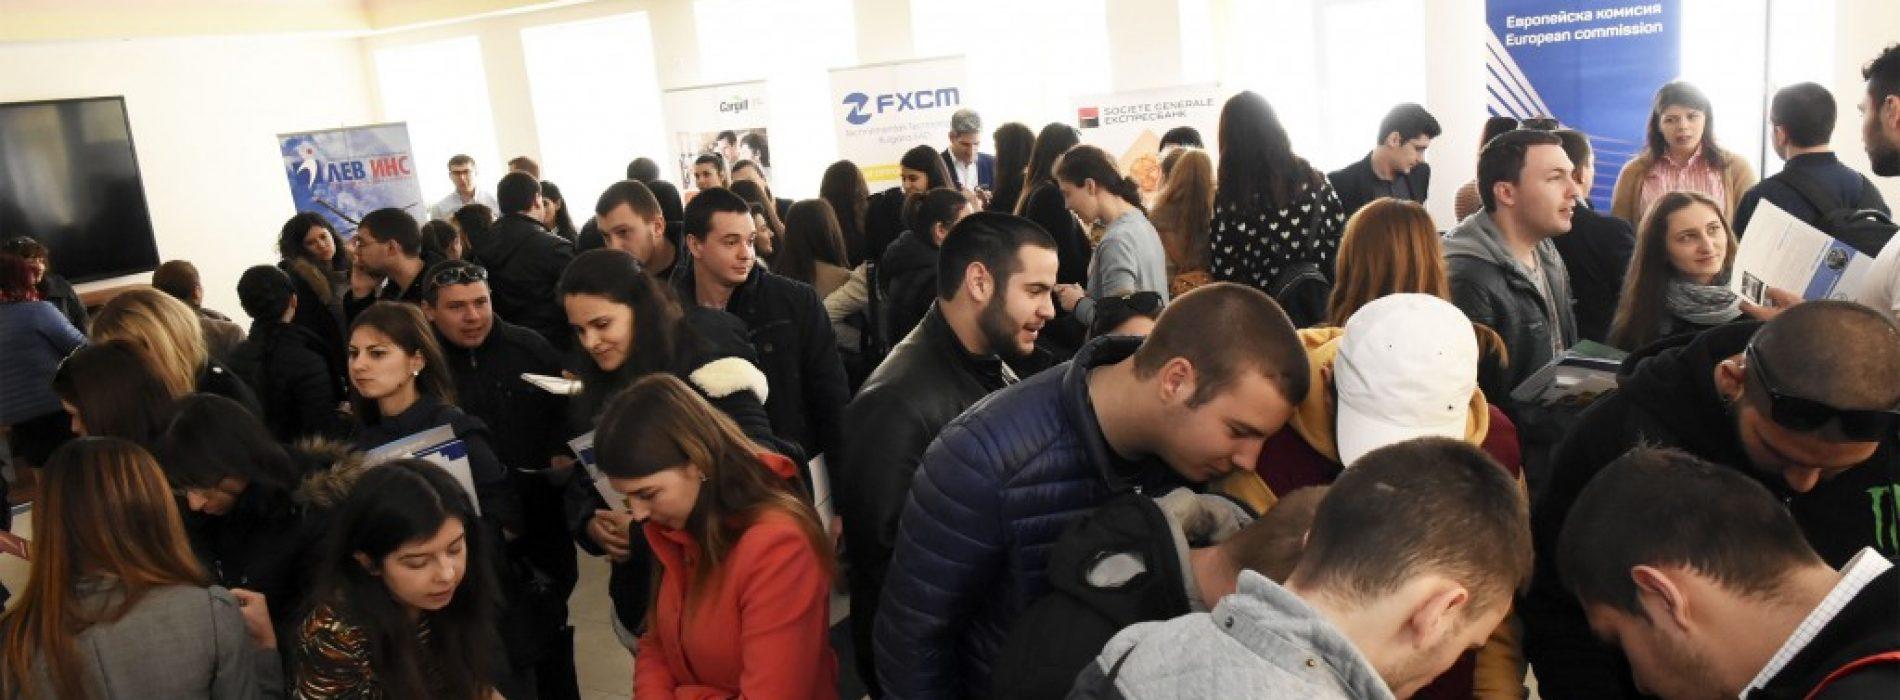 """500 млади хора посетиха """"Национални дни на кариерата"""" 2018 в Свищов"""